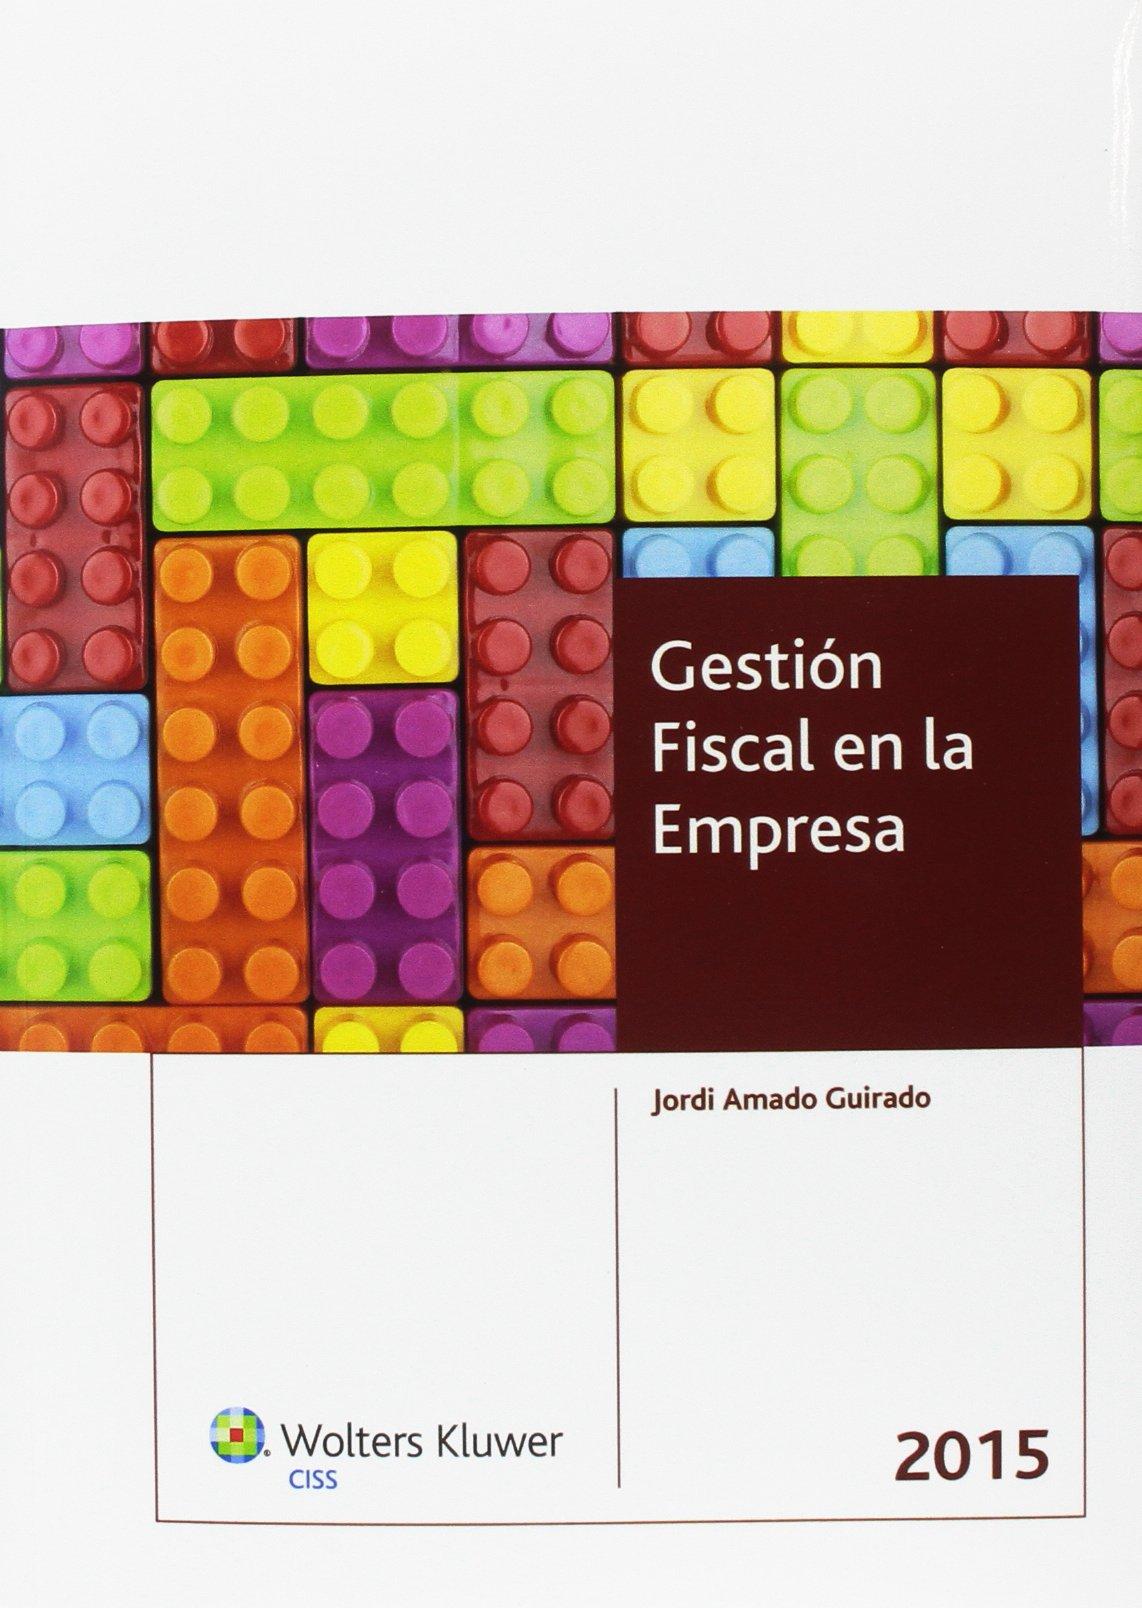 Gestión Fiscal En La Empresa 2015: Amazon.es: Jordi Amado Guirado: Libros